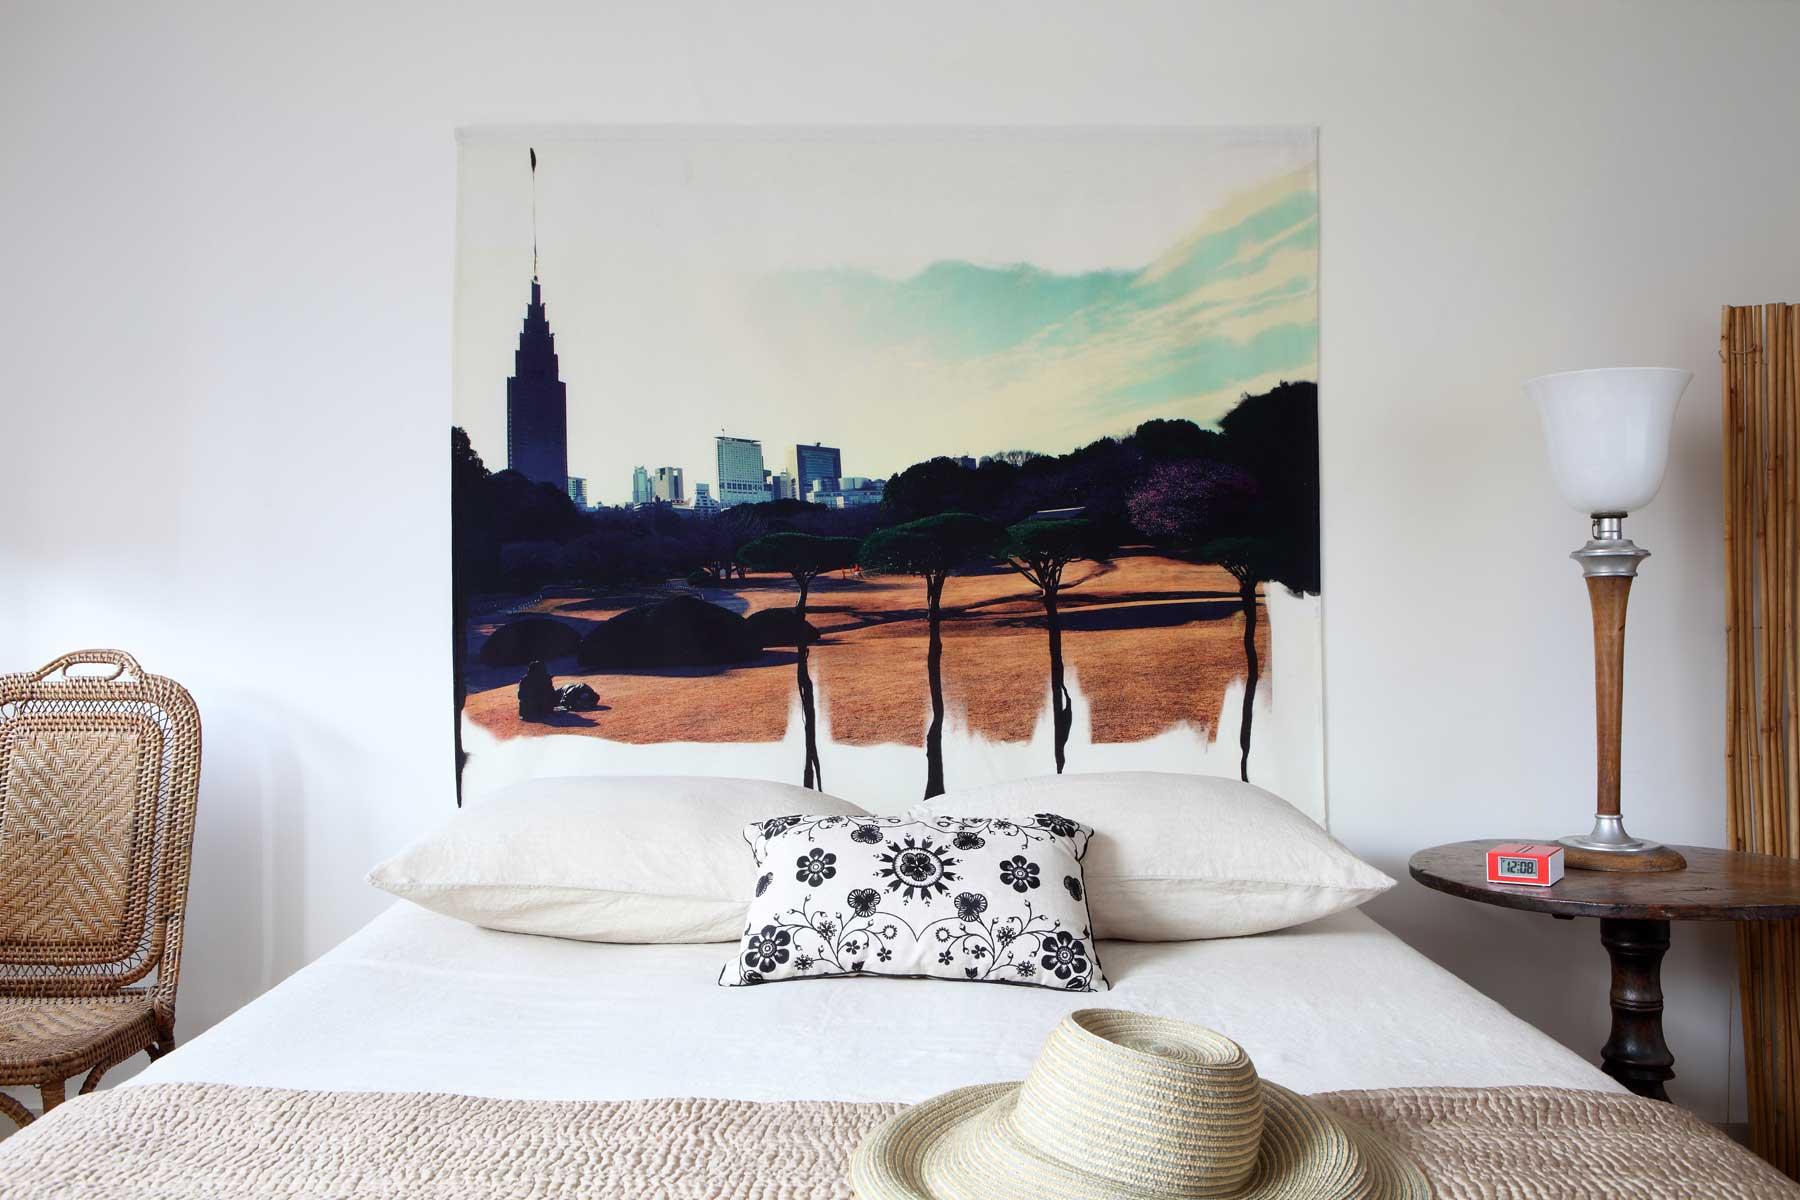 Tête de lit en tissu sans support en bois 160*125 cm